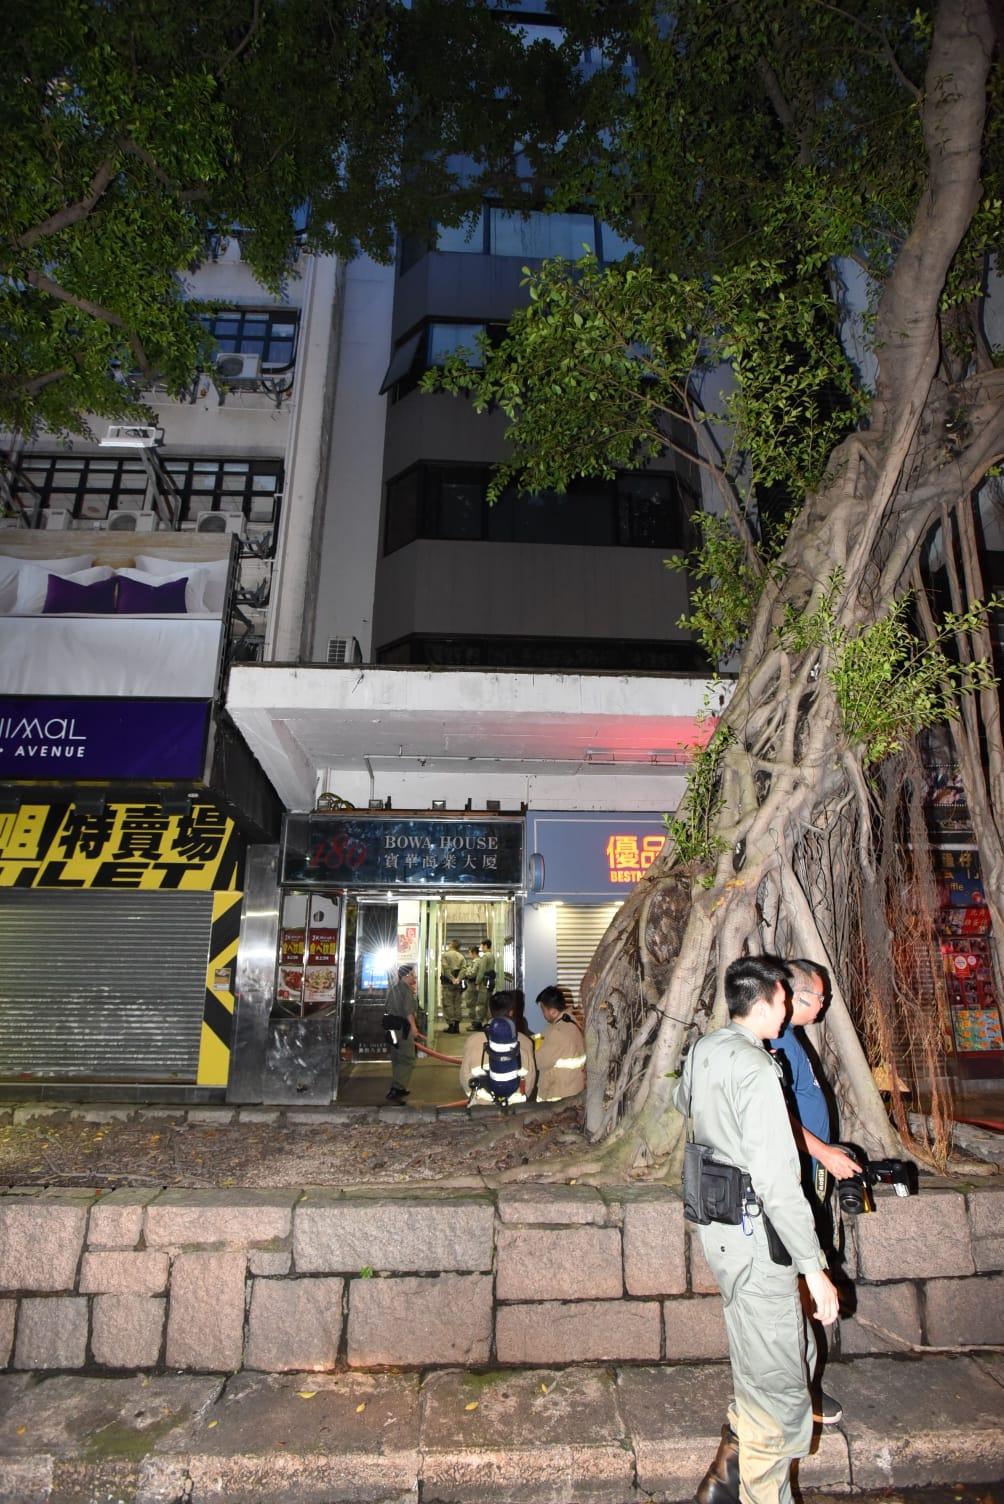 尖沙嘴寿司店疑漏煤气 约20人自行疏散